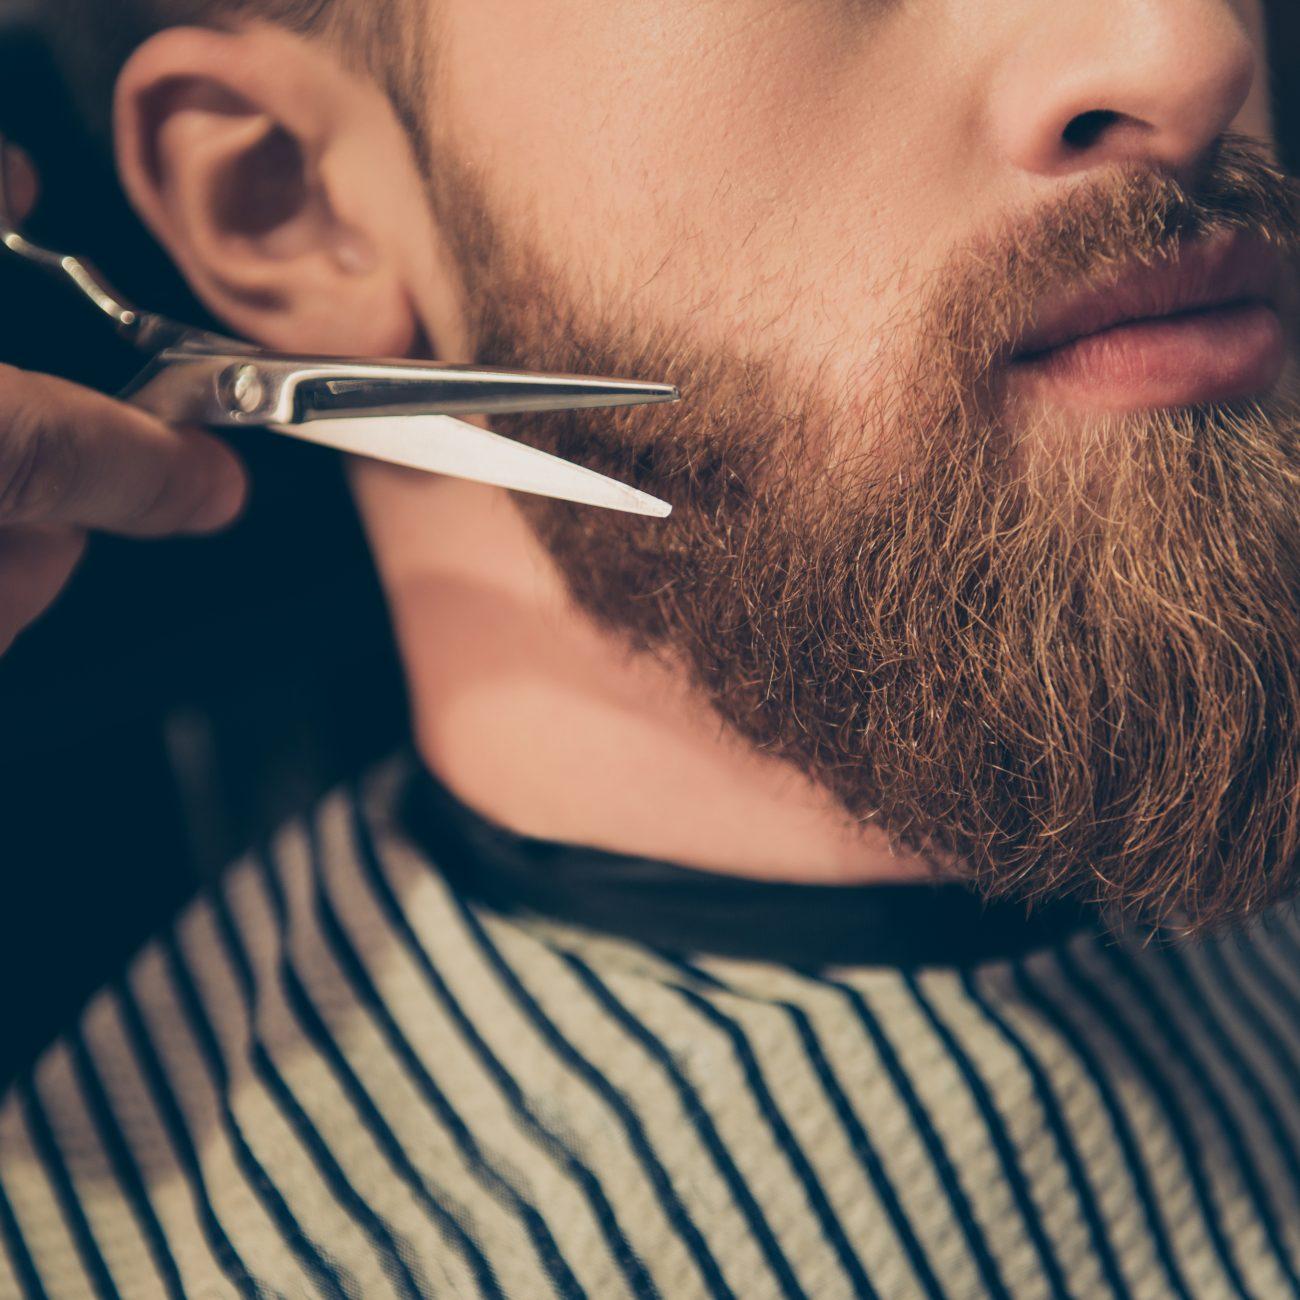 Liste matériel formation barber